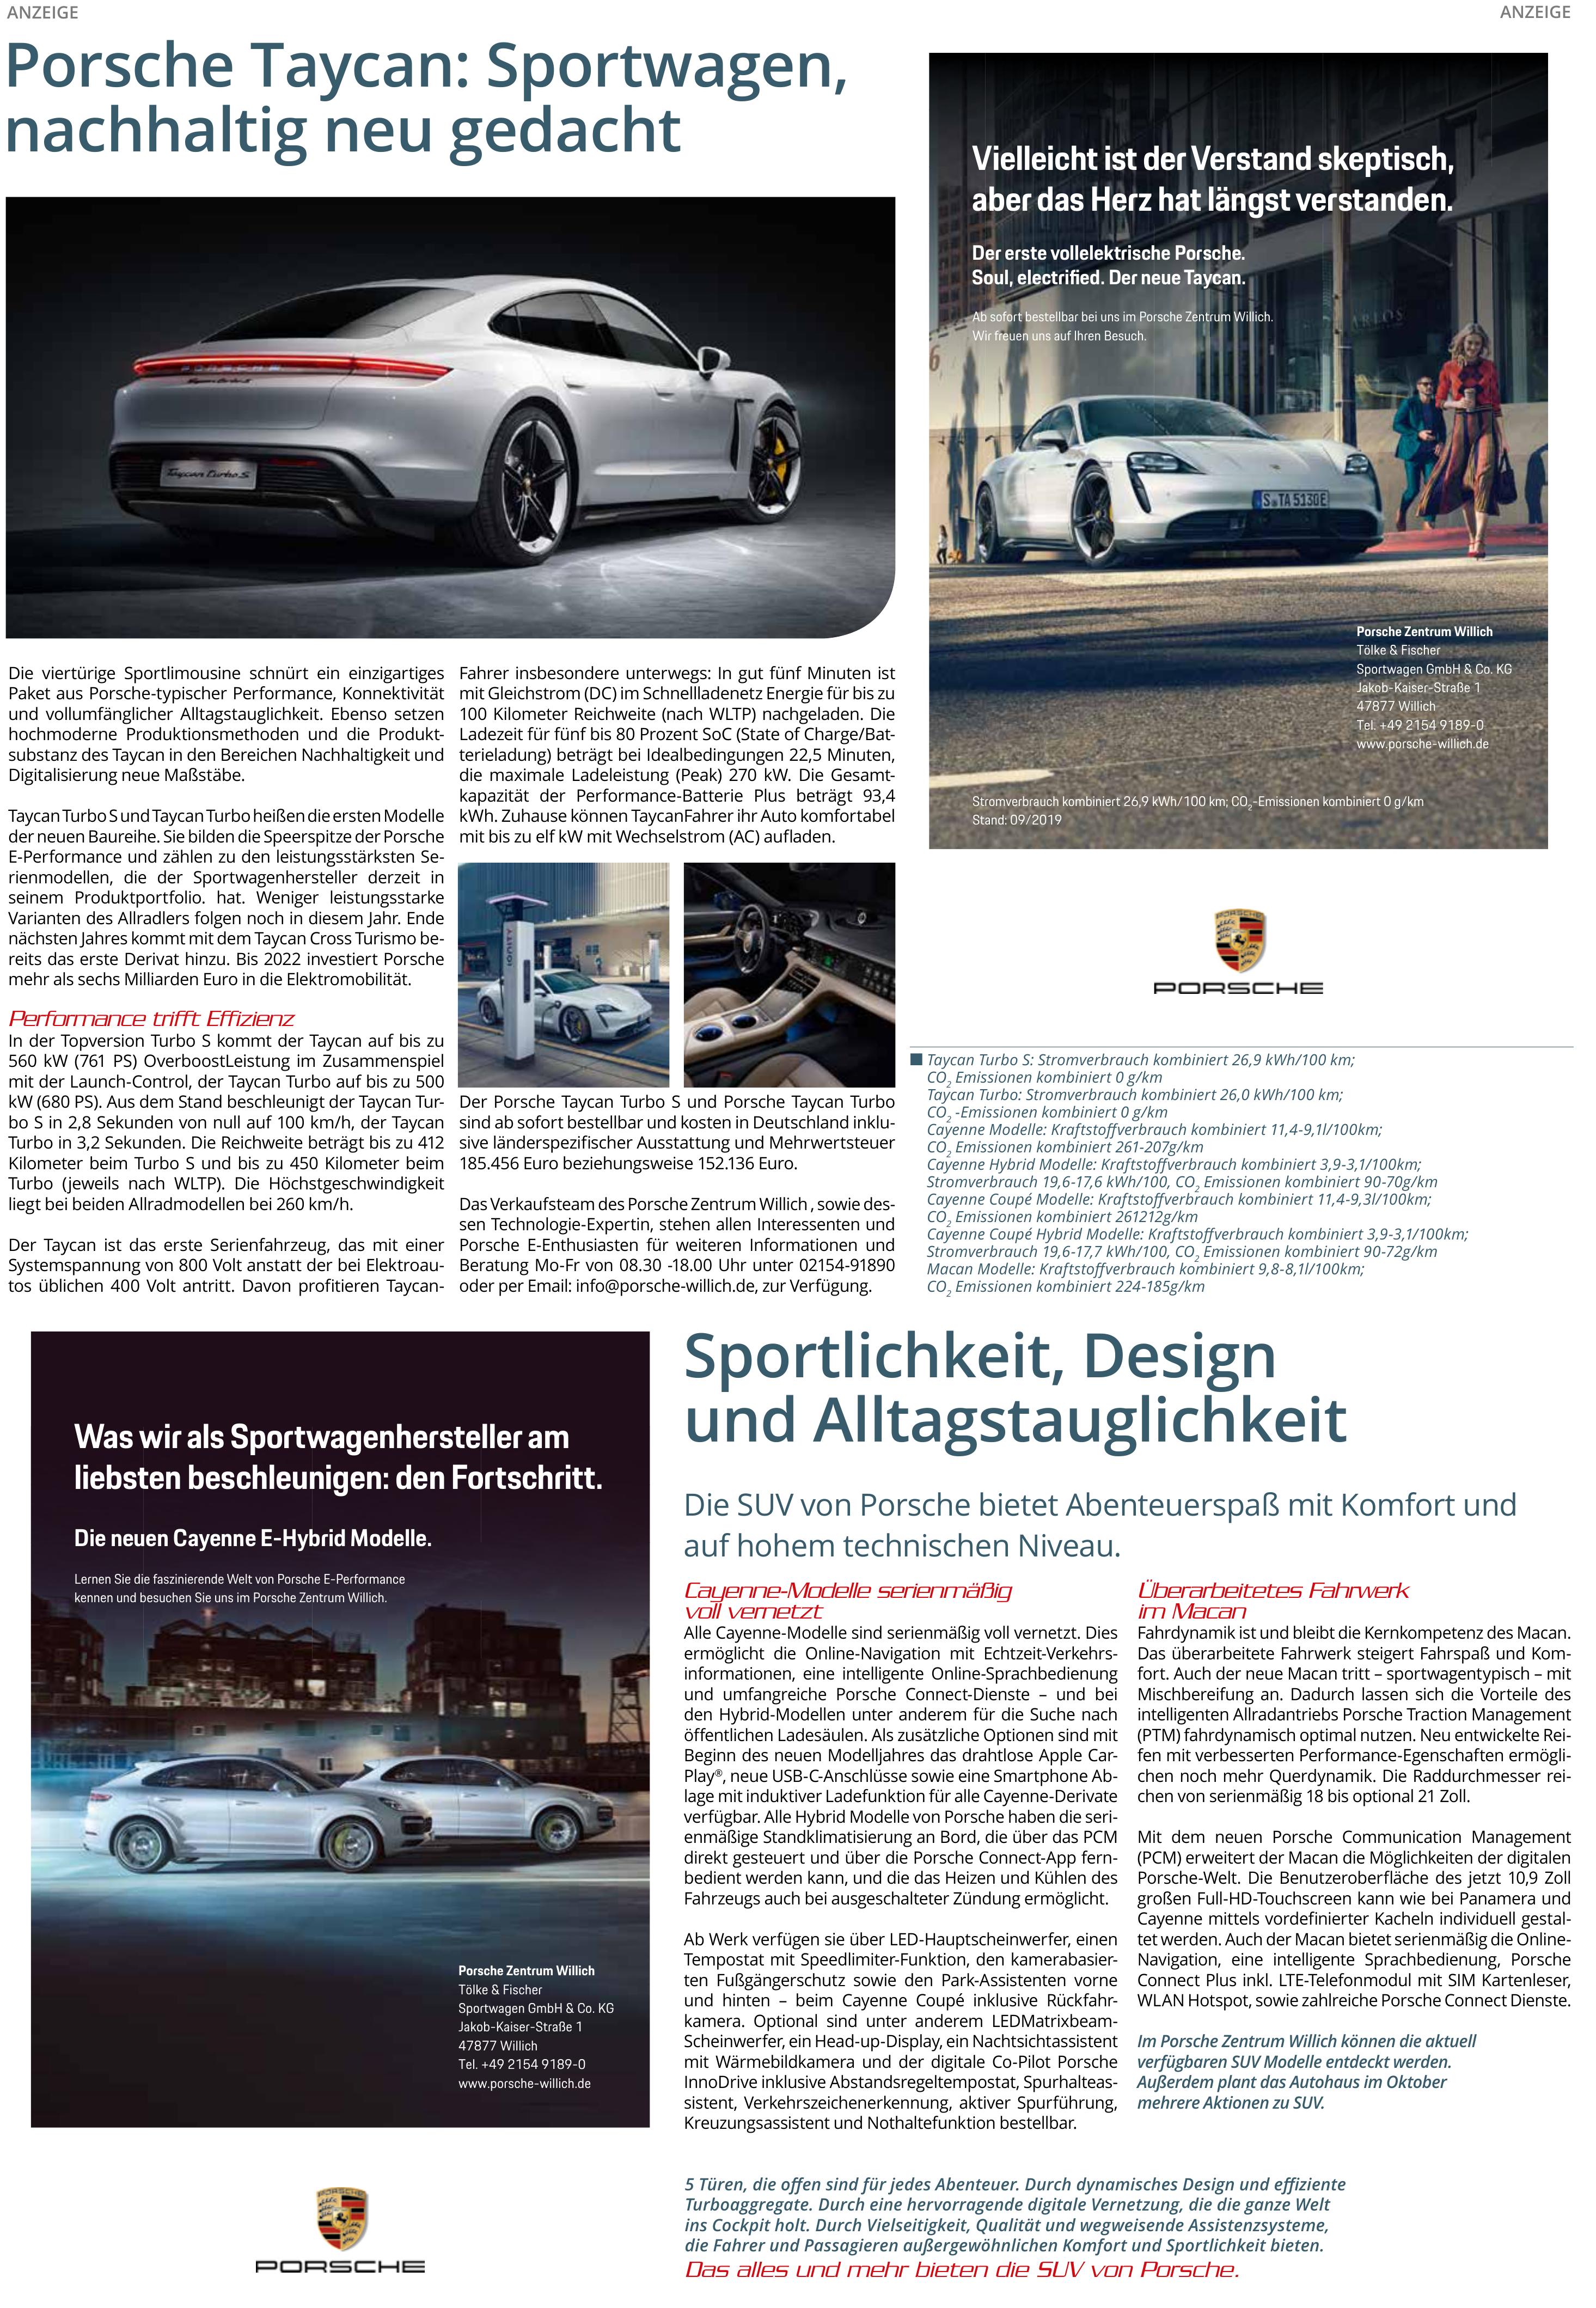 Porsche Zentrum Willich Tölke & Fischer Sportwagen GmbH & Co. KG